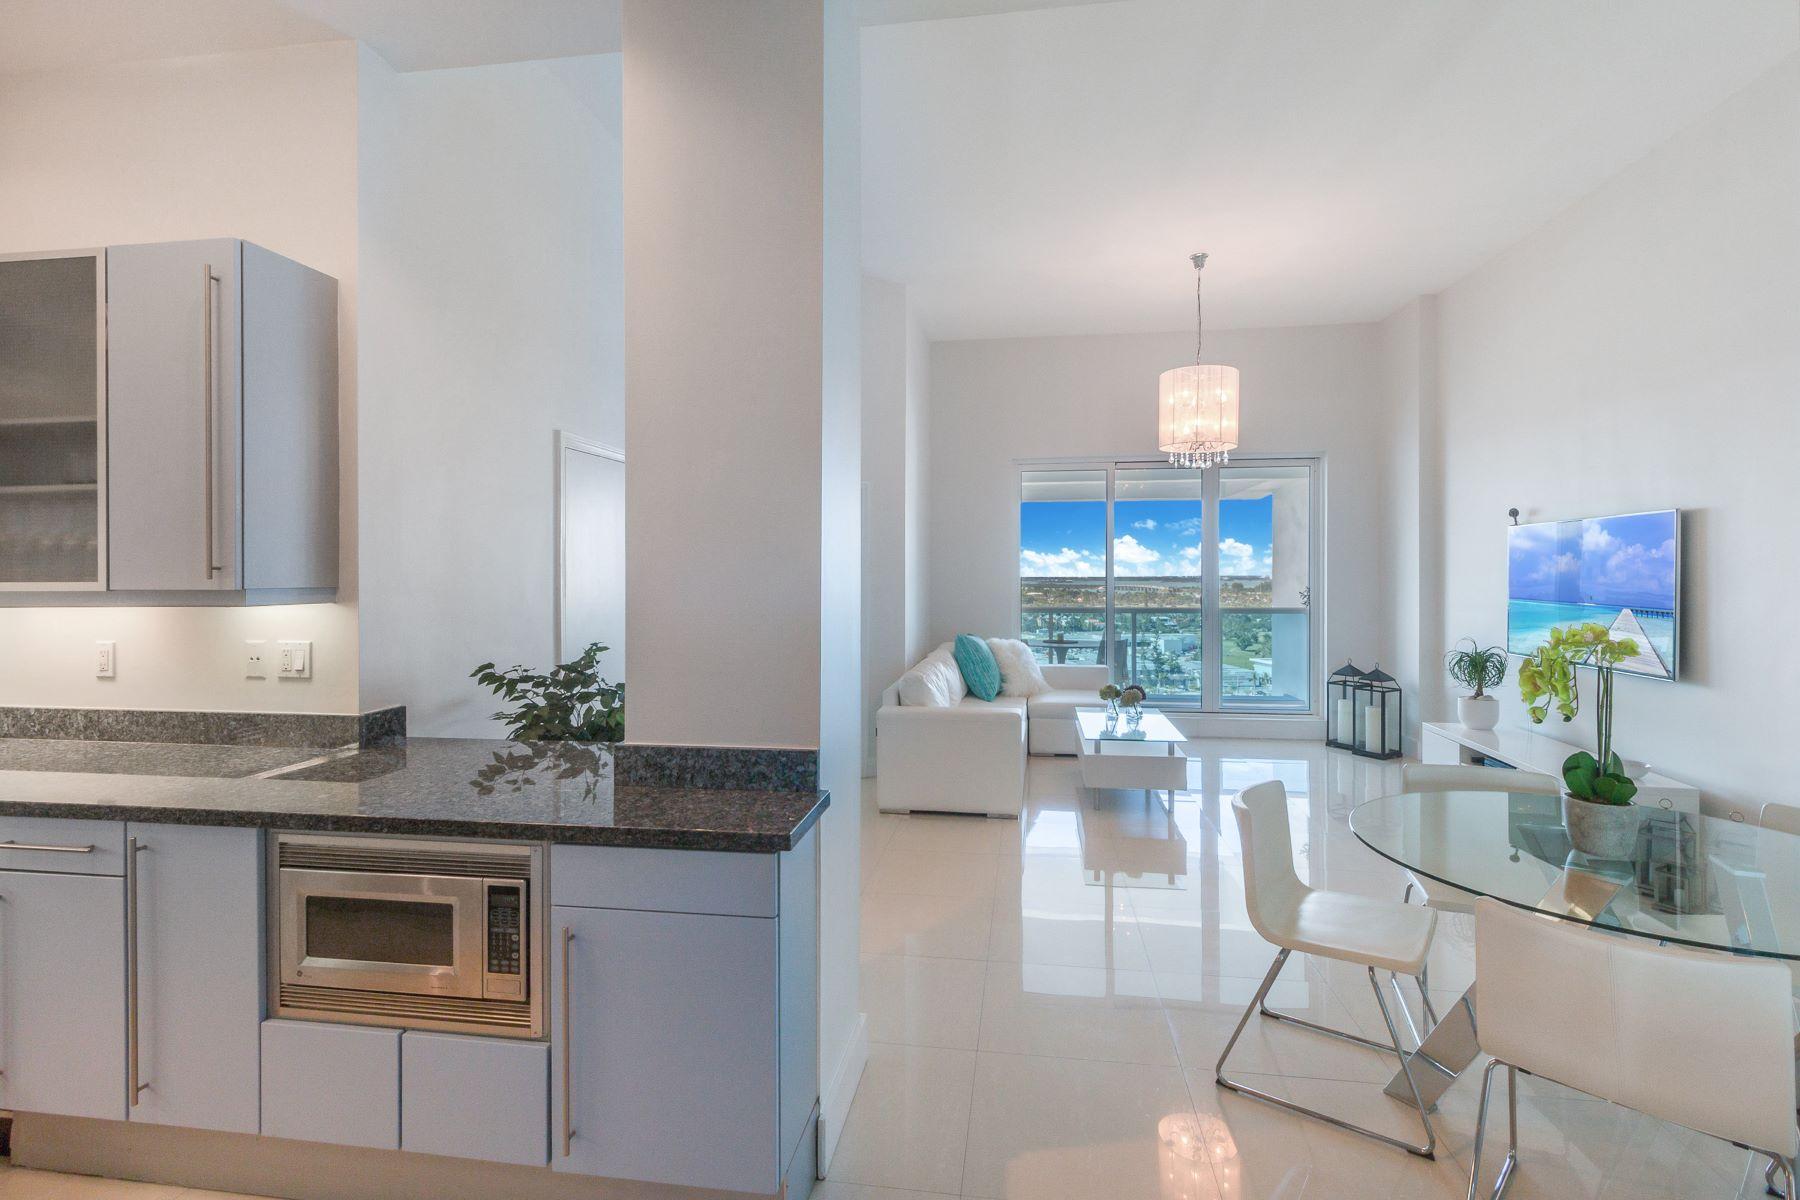 共管物業 為 出售 在 2301 Collins Ave 2301 Collins Ave 1626, Miami Beach, 佛羅里達州, 33139 美國